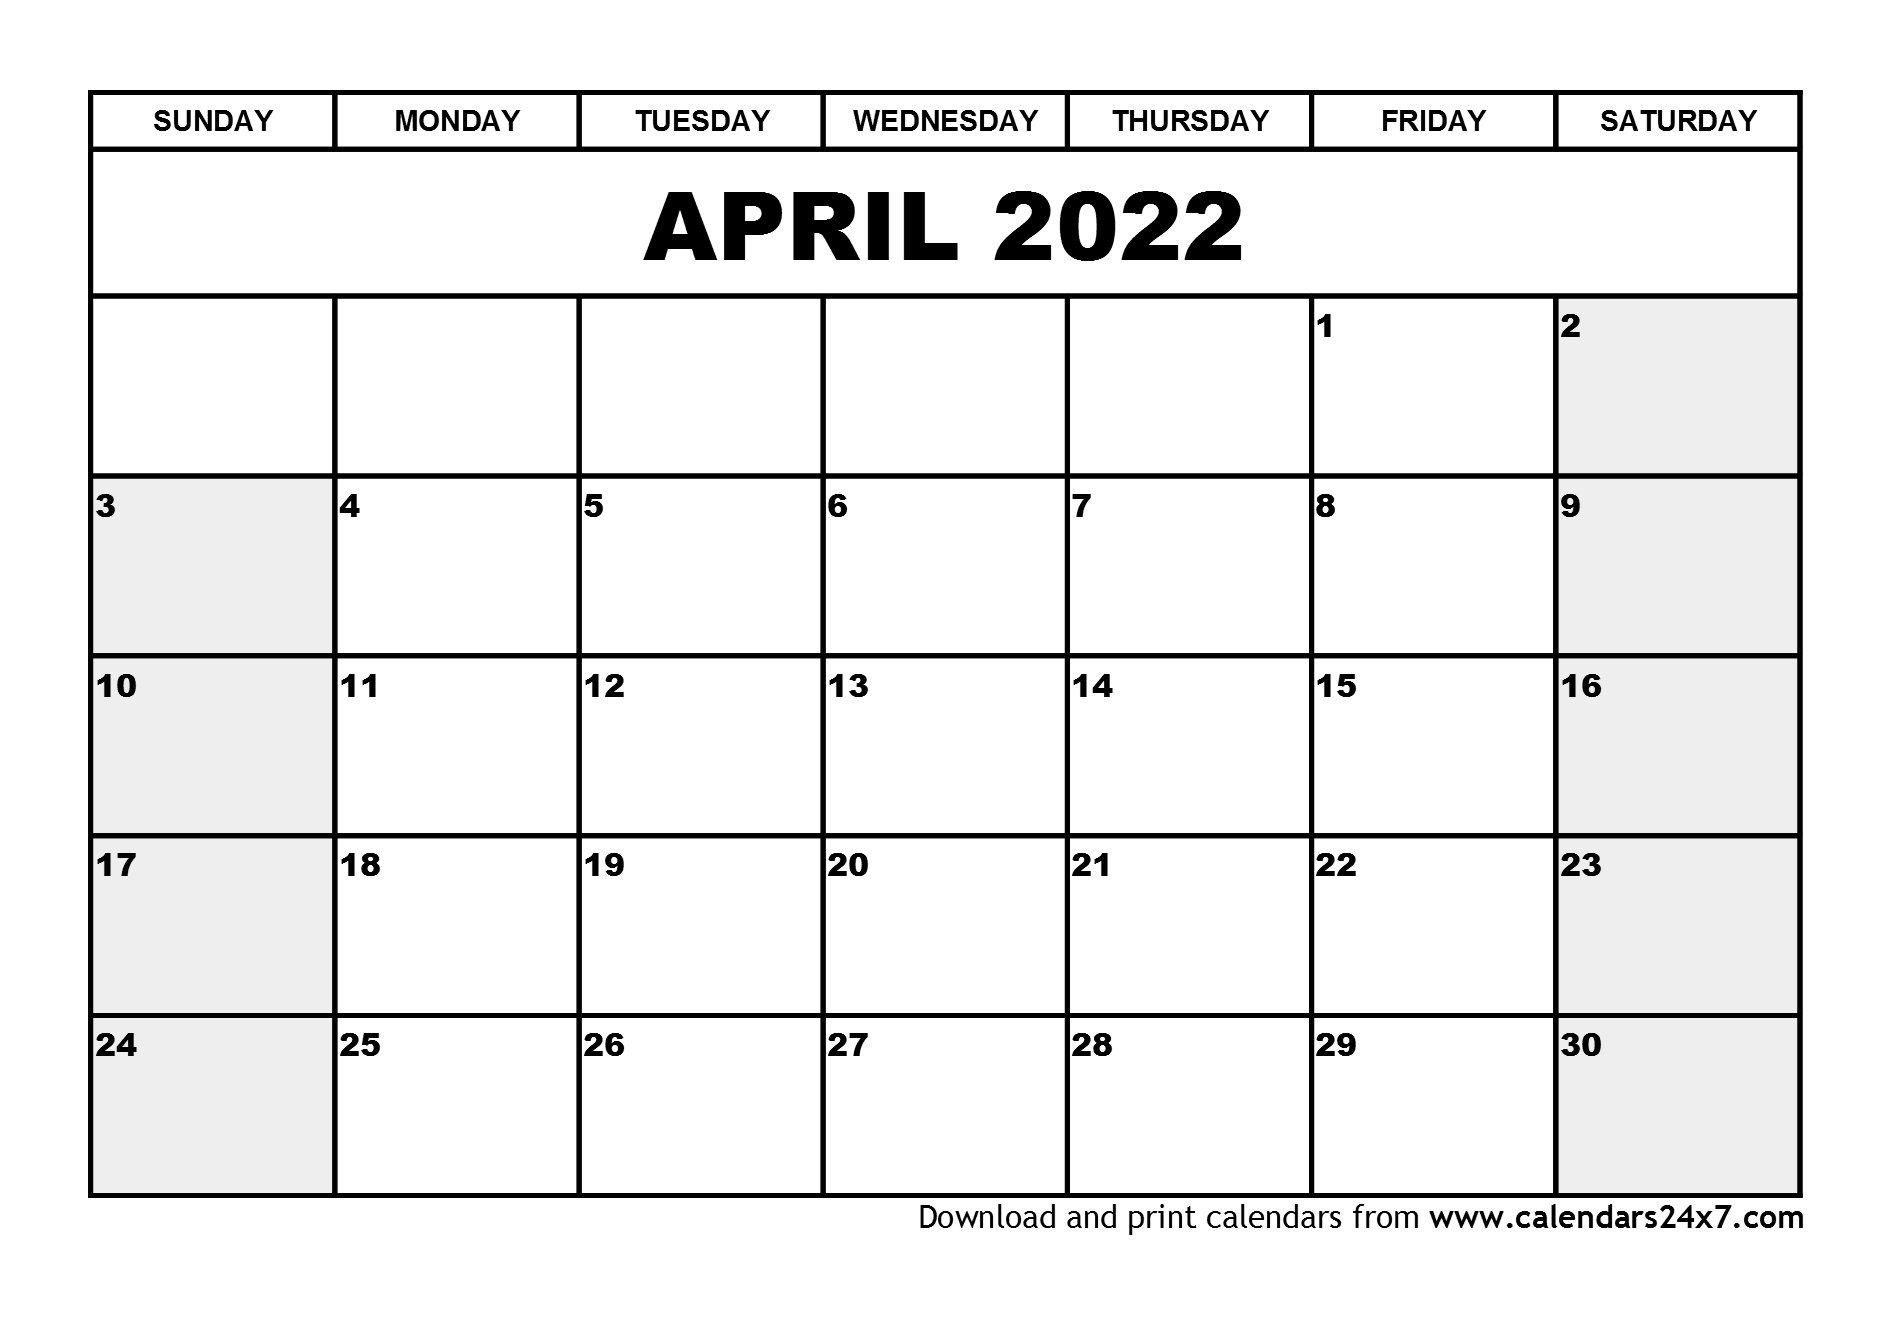 April 2022 Calendar & May 2022 Calendar throughout Printable Calendar April 2022 Free